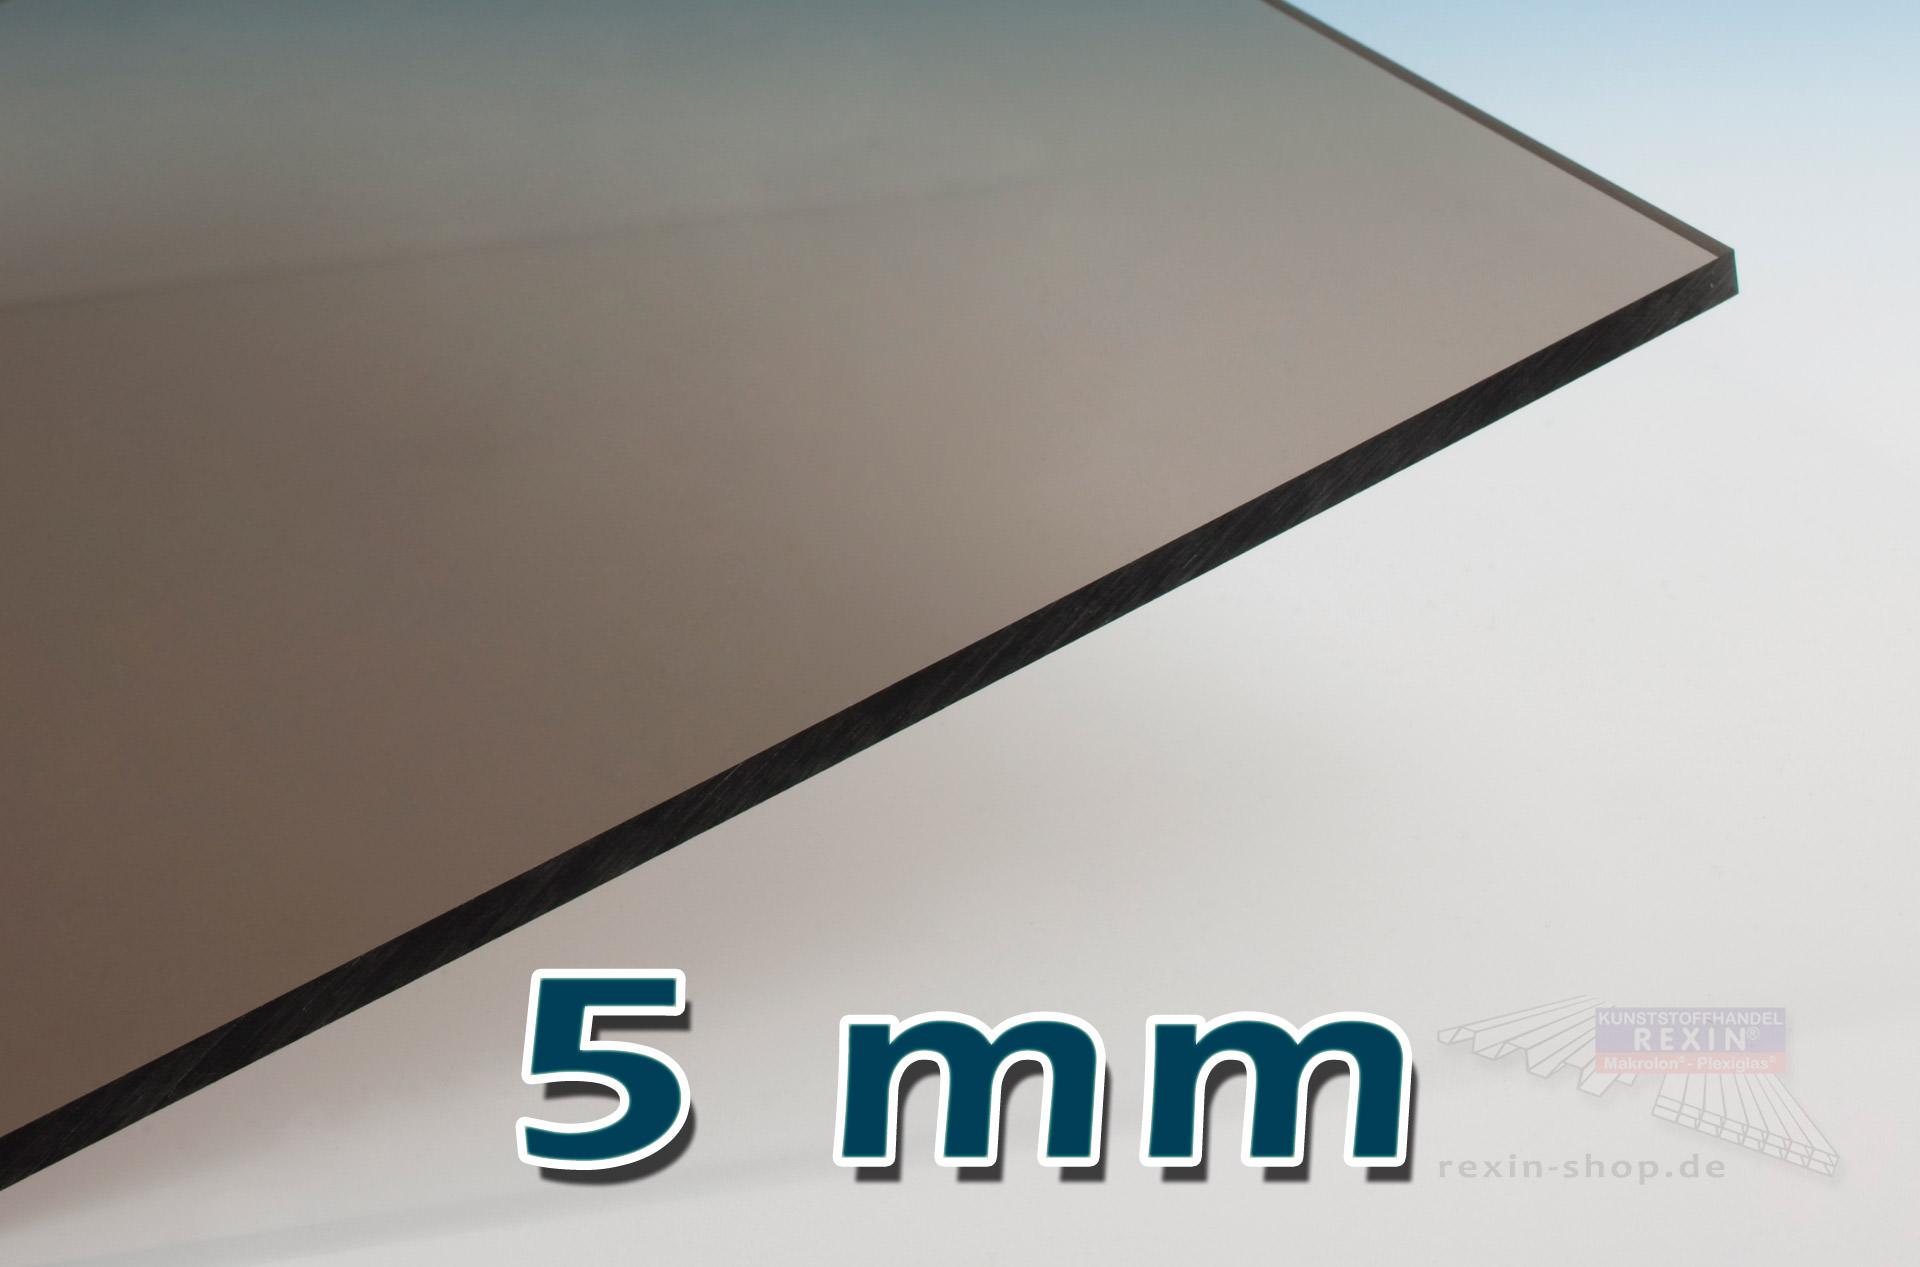 makrolon uv 5mm massivplatte bronze 2850 makrolon uv 5mm massivplatte bronze 2850. Black Bedroom Furniture Sets. Home Design Ideas